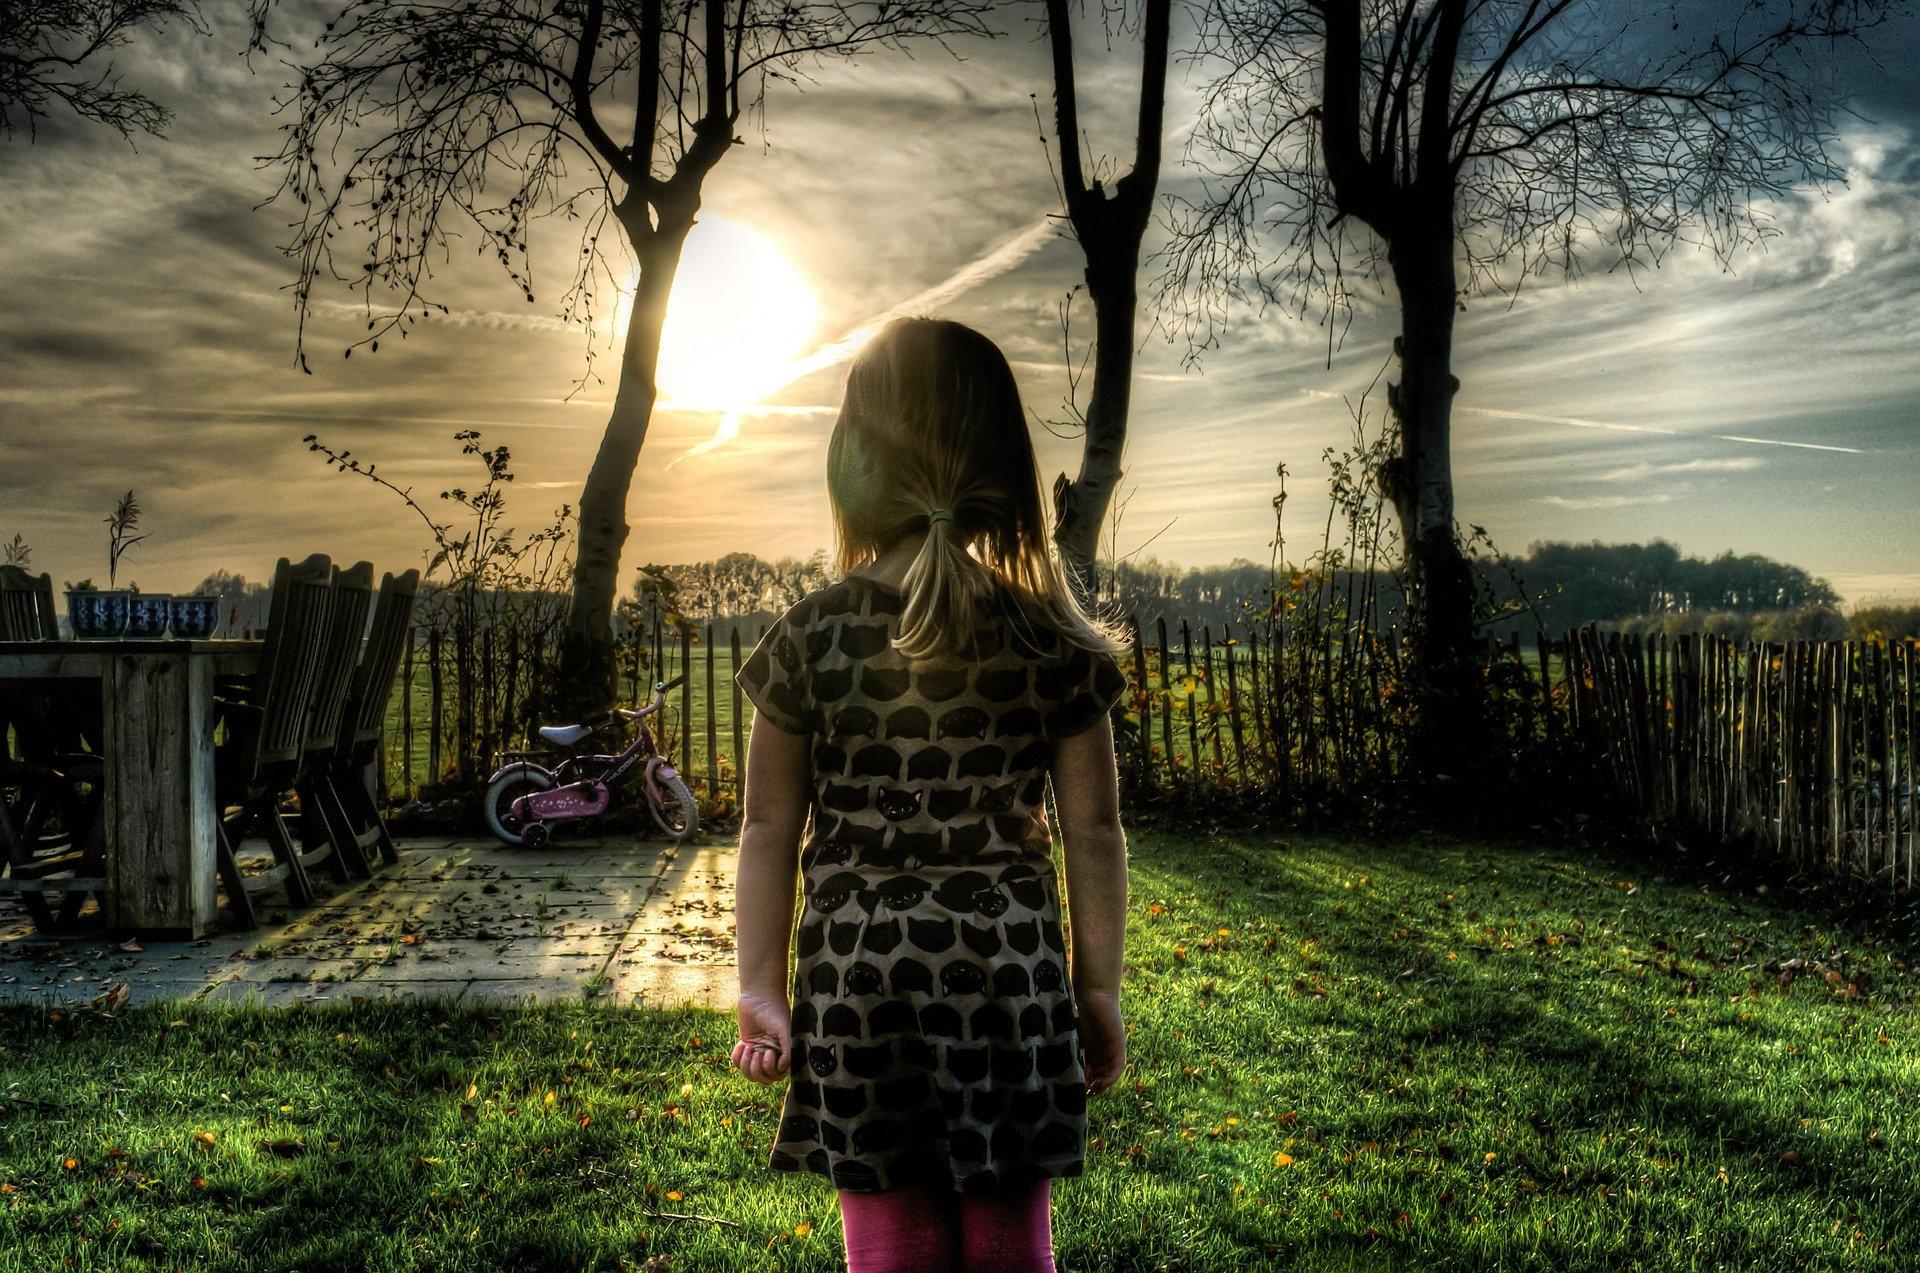 6-letnie dziecko zgubiło się podczas spaceru - Zdjęcie główne